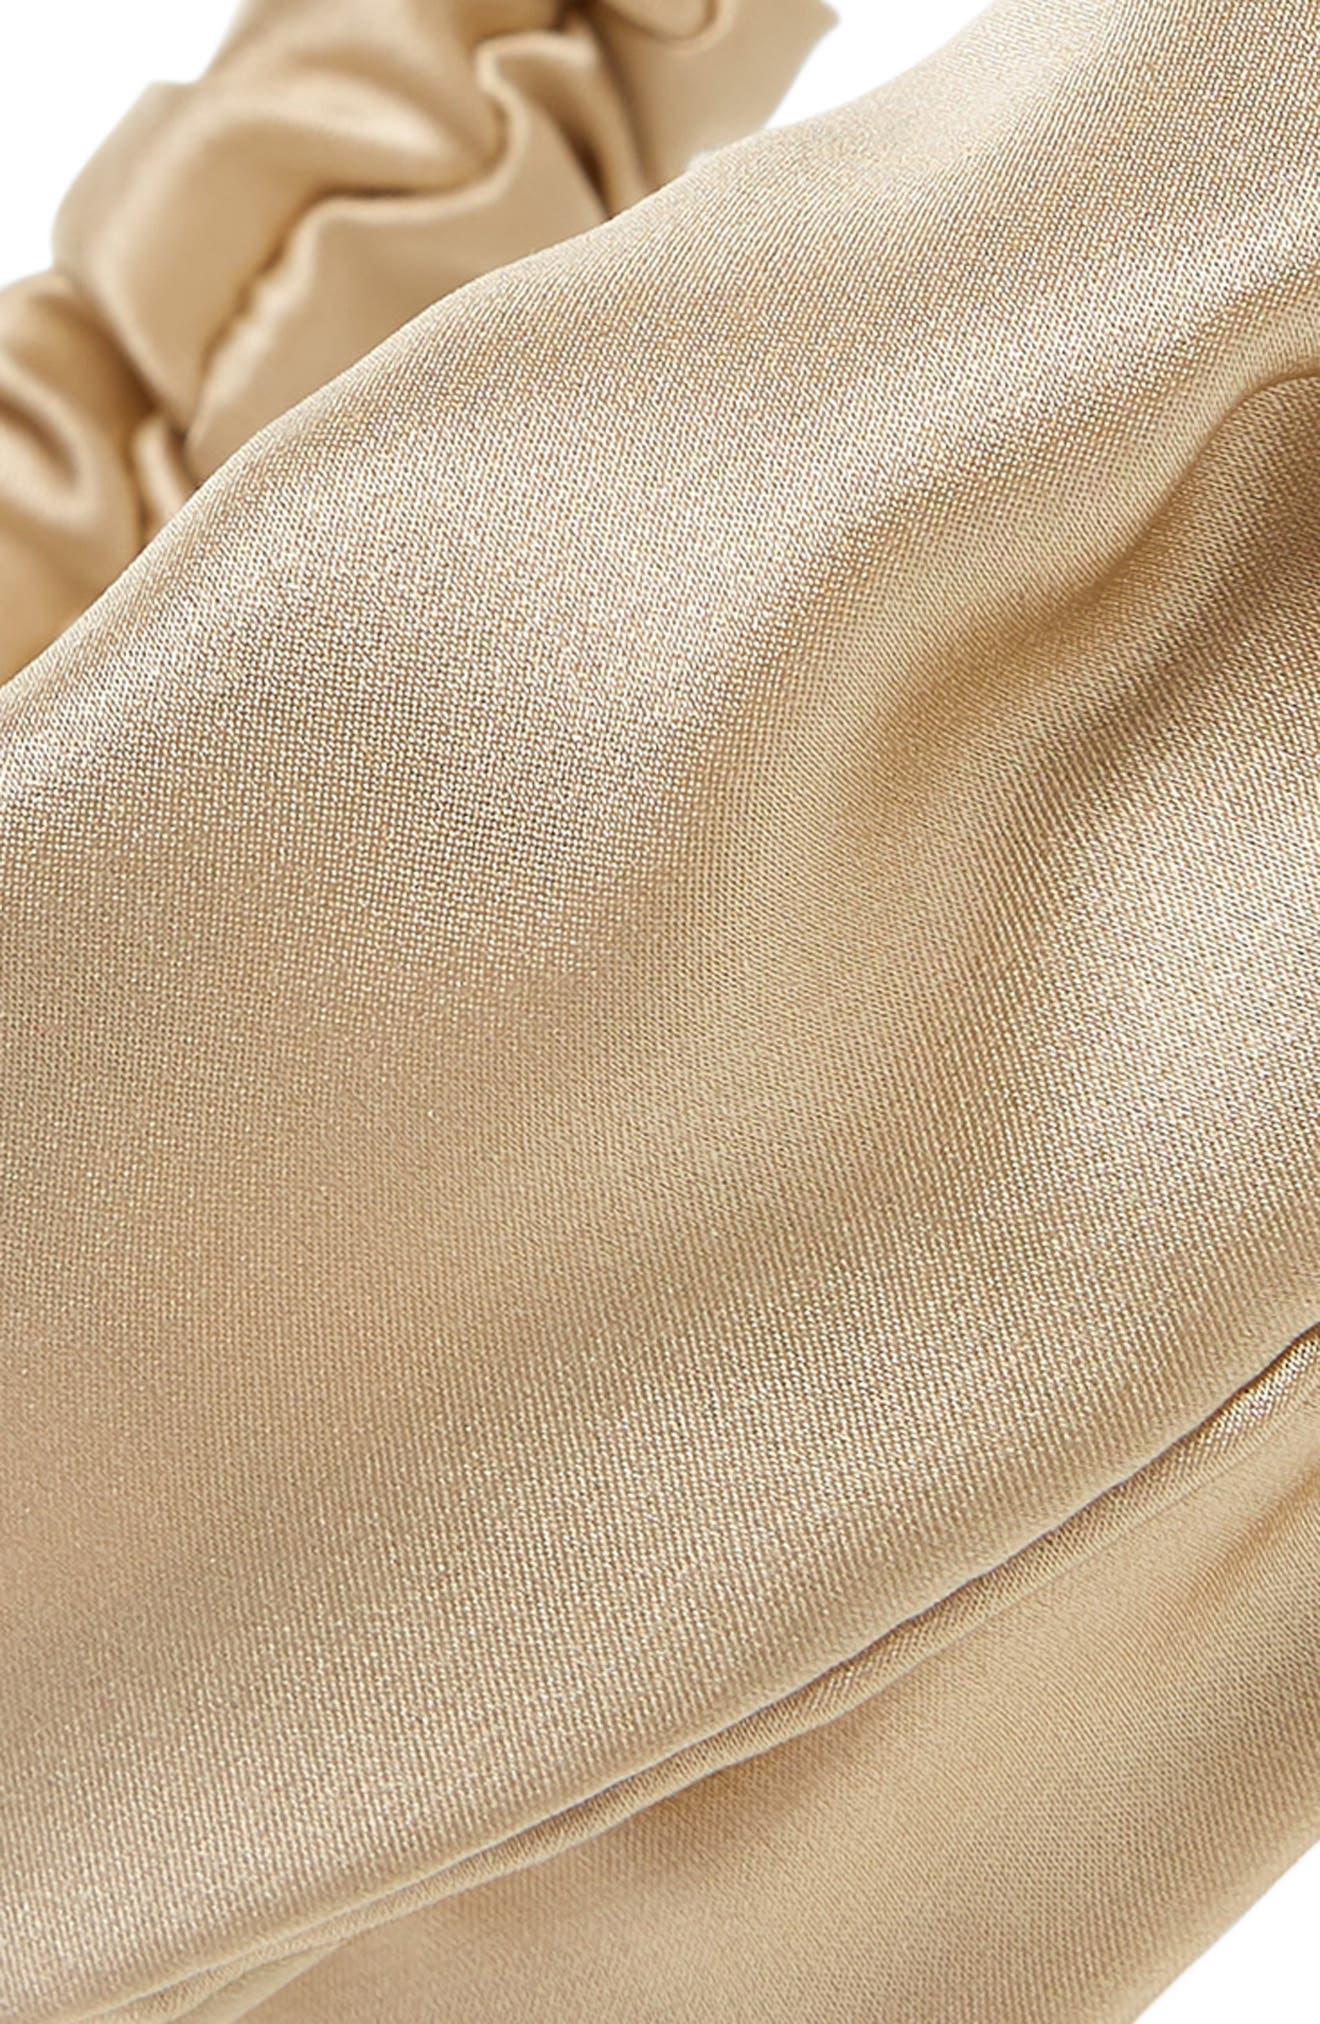 ChaCha Silk Turban Head Wrap,                             Alternate thumbnail 3, color,